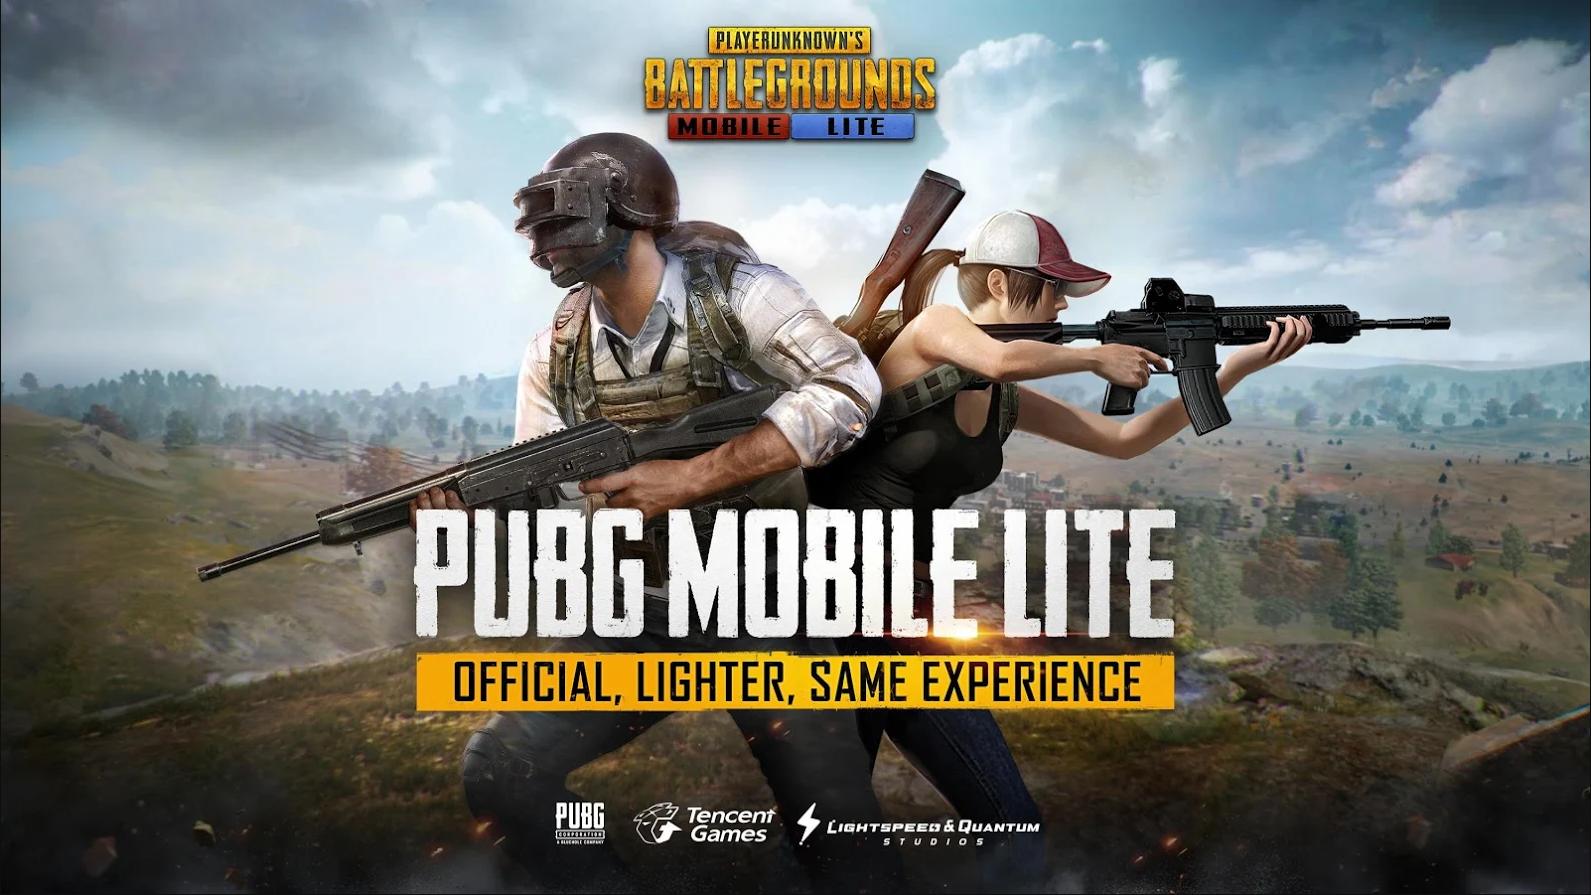 PUBG Mobile规格需求太高?现在竟然有PUBG Mobile Lite!